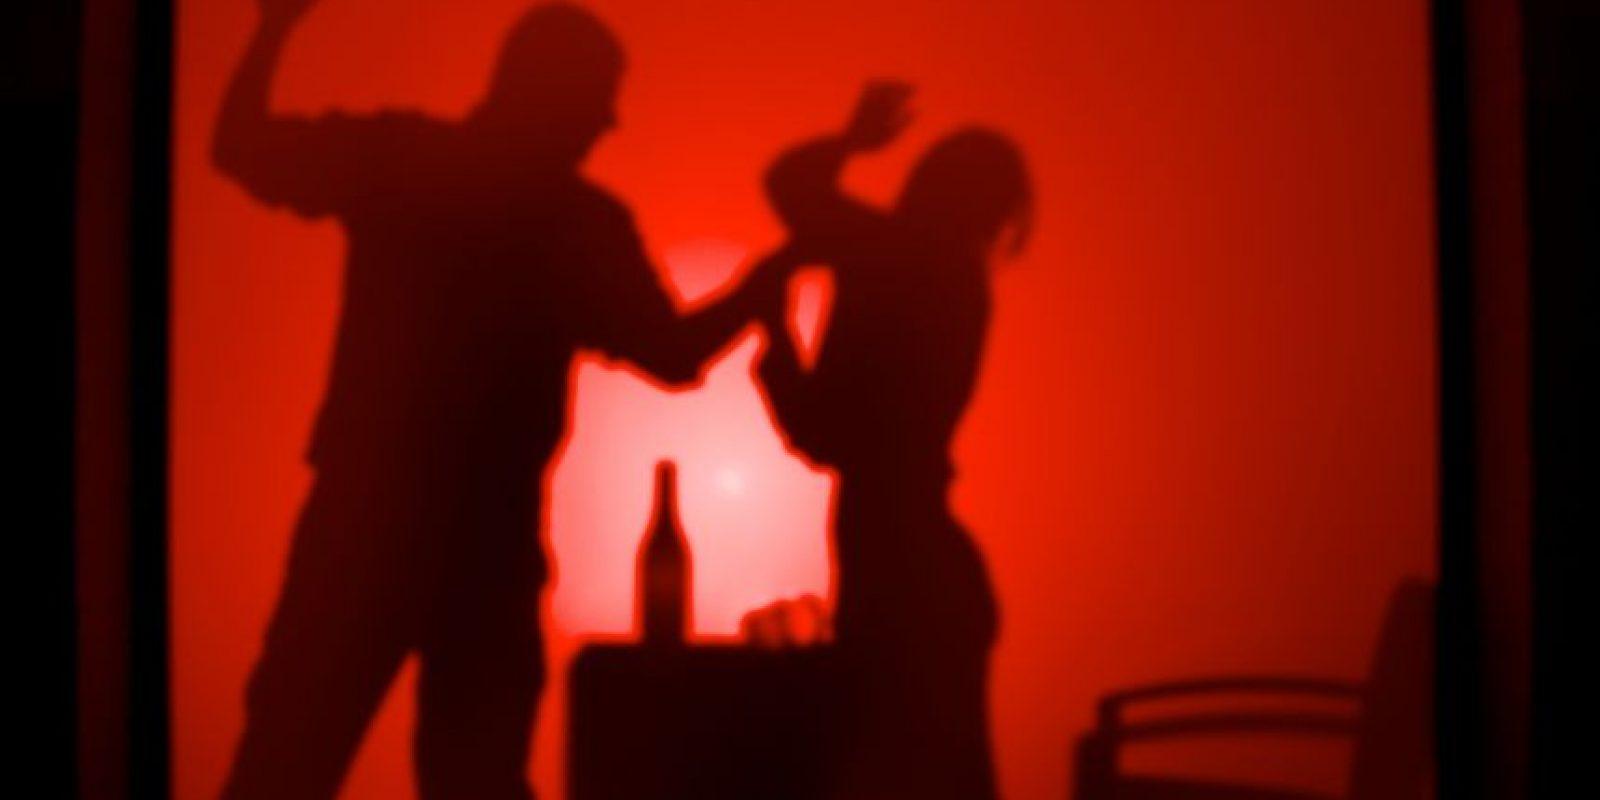 De acuerdo a Naciones Unidas, el término es utilizado para distinguir la violencia común de aquella que se dirige a individuos o grupos sobre la base de su género Foto:Flickr